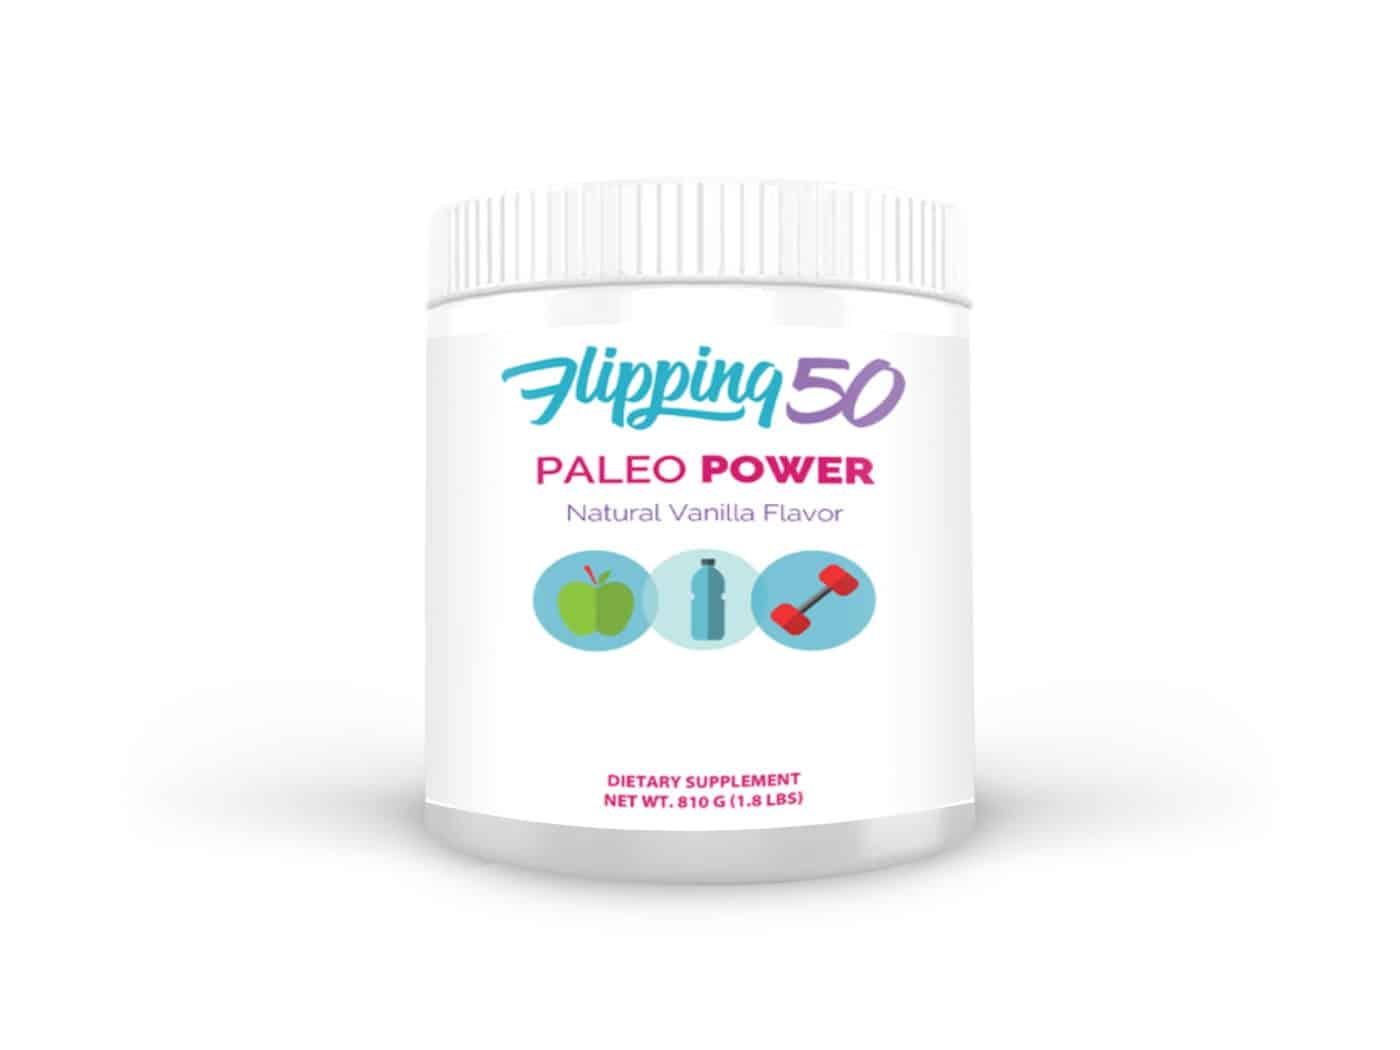 paleo-power-natural-vanilla-protein-powder